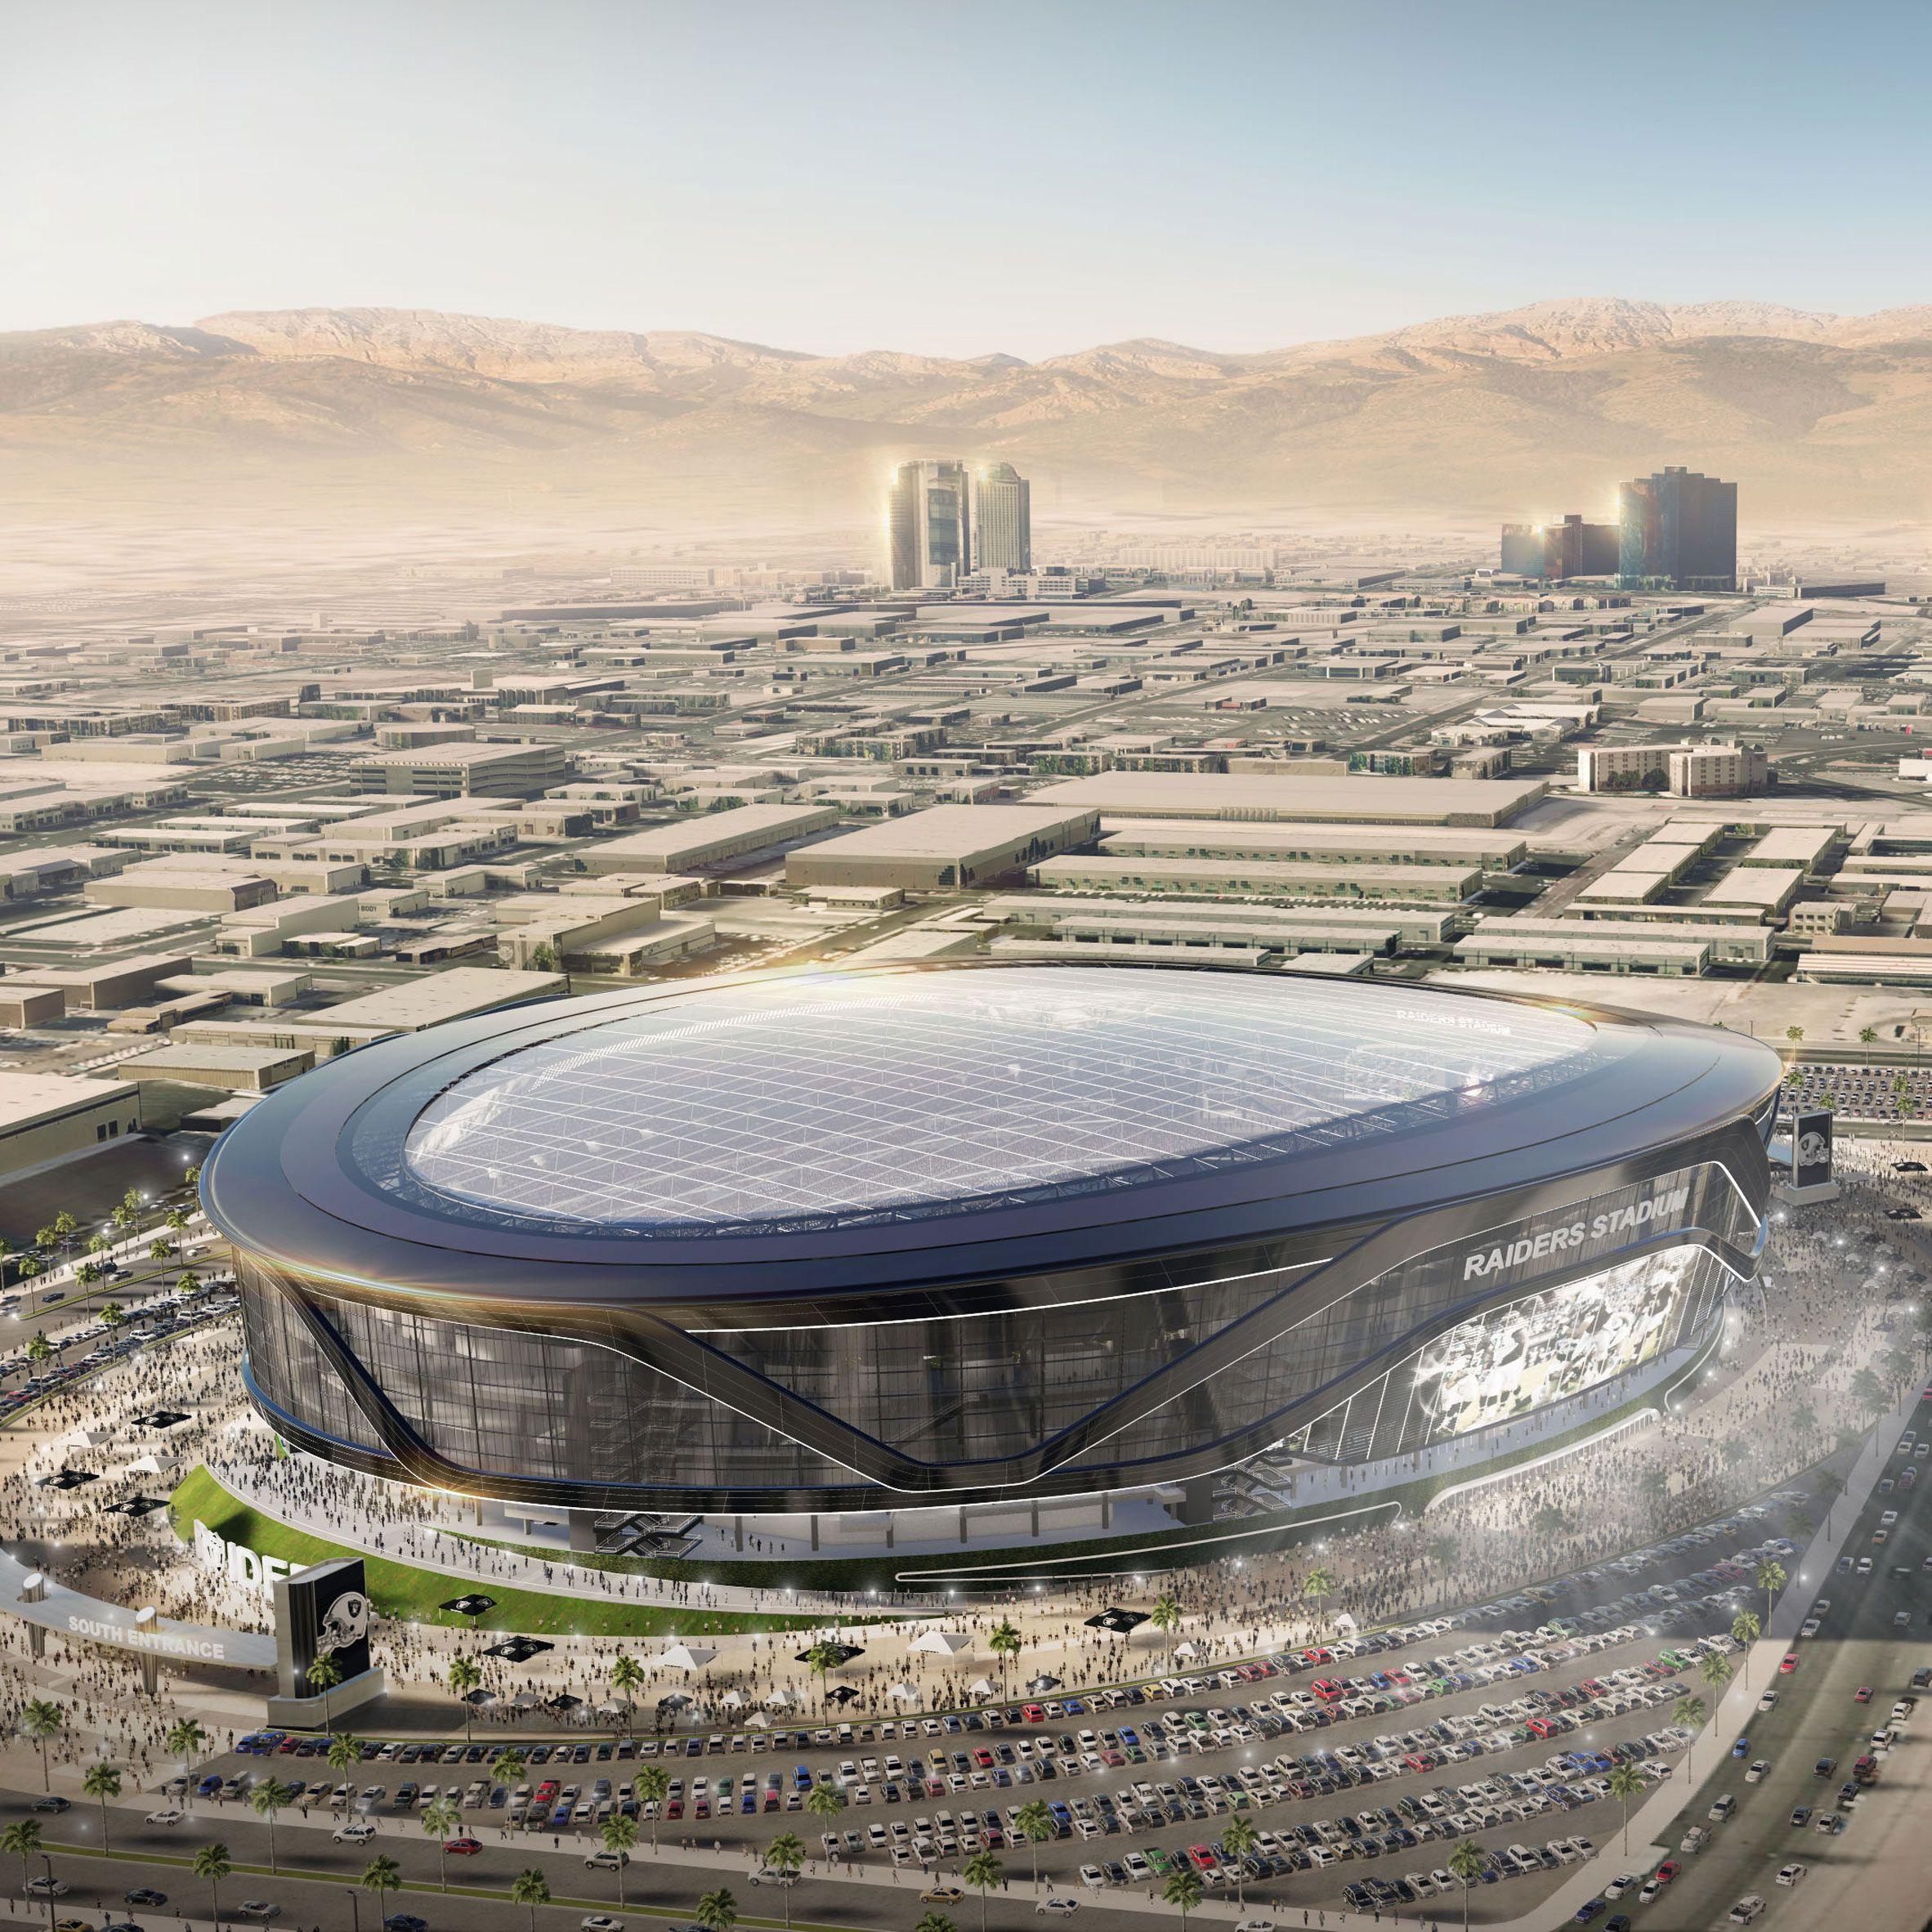 Oakland Raiders New Stadium: Image Result For Stadium Architecture